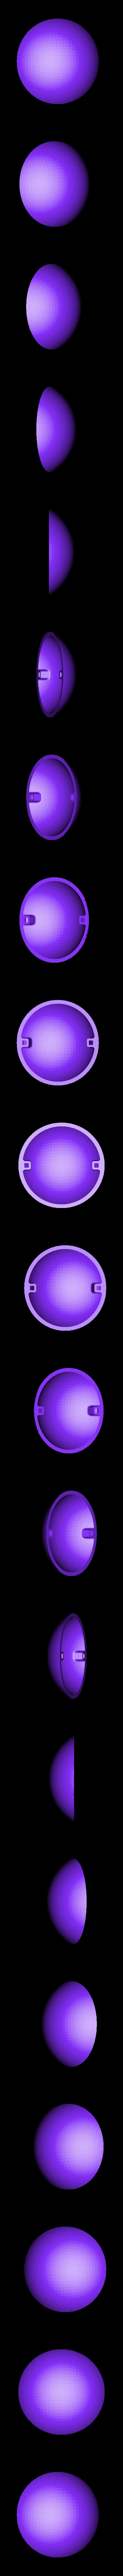 OrbB.STL Télécharger fichier STL gratuit La baguette de Marco • Plan pour imprimante 3D, Vexelius